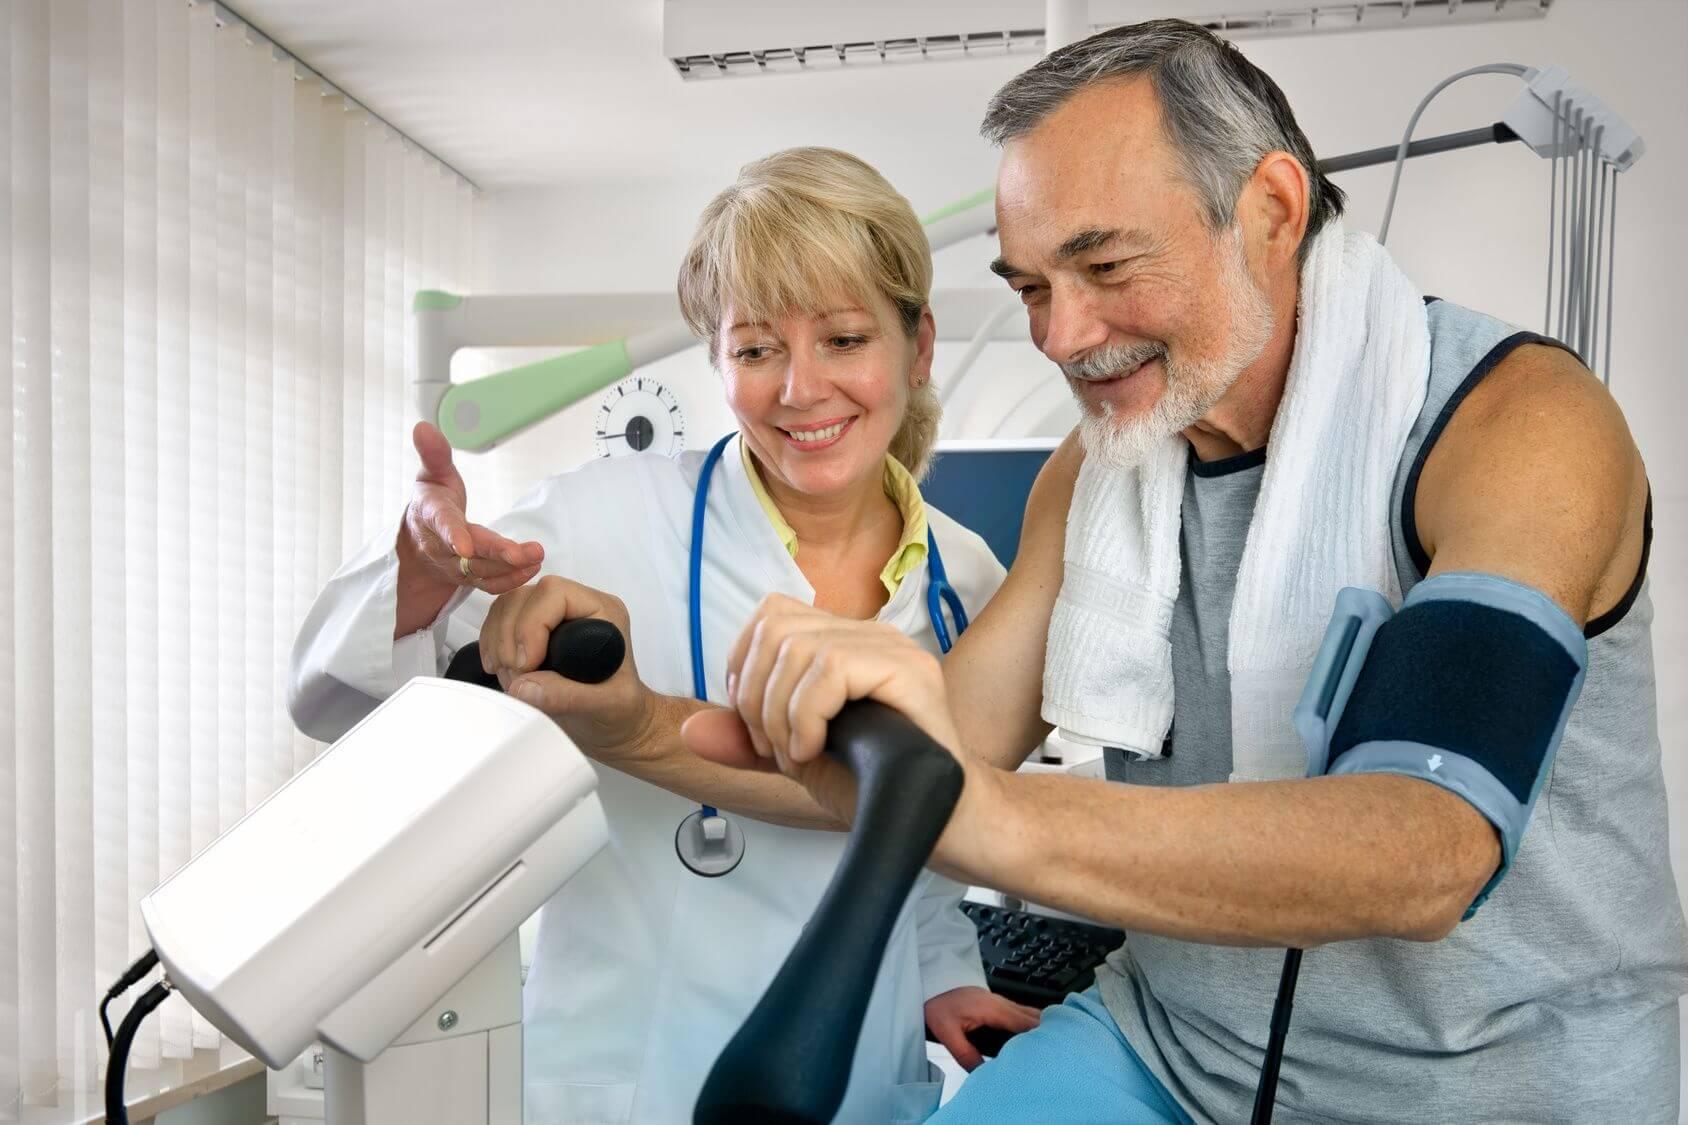 Sport während der Krebstherapie. Mann auf Ergometer mit Ärztin.